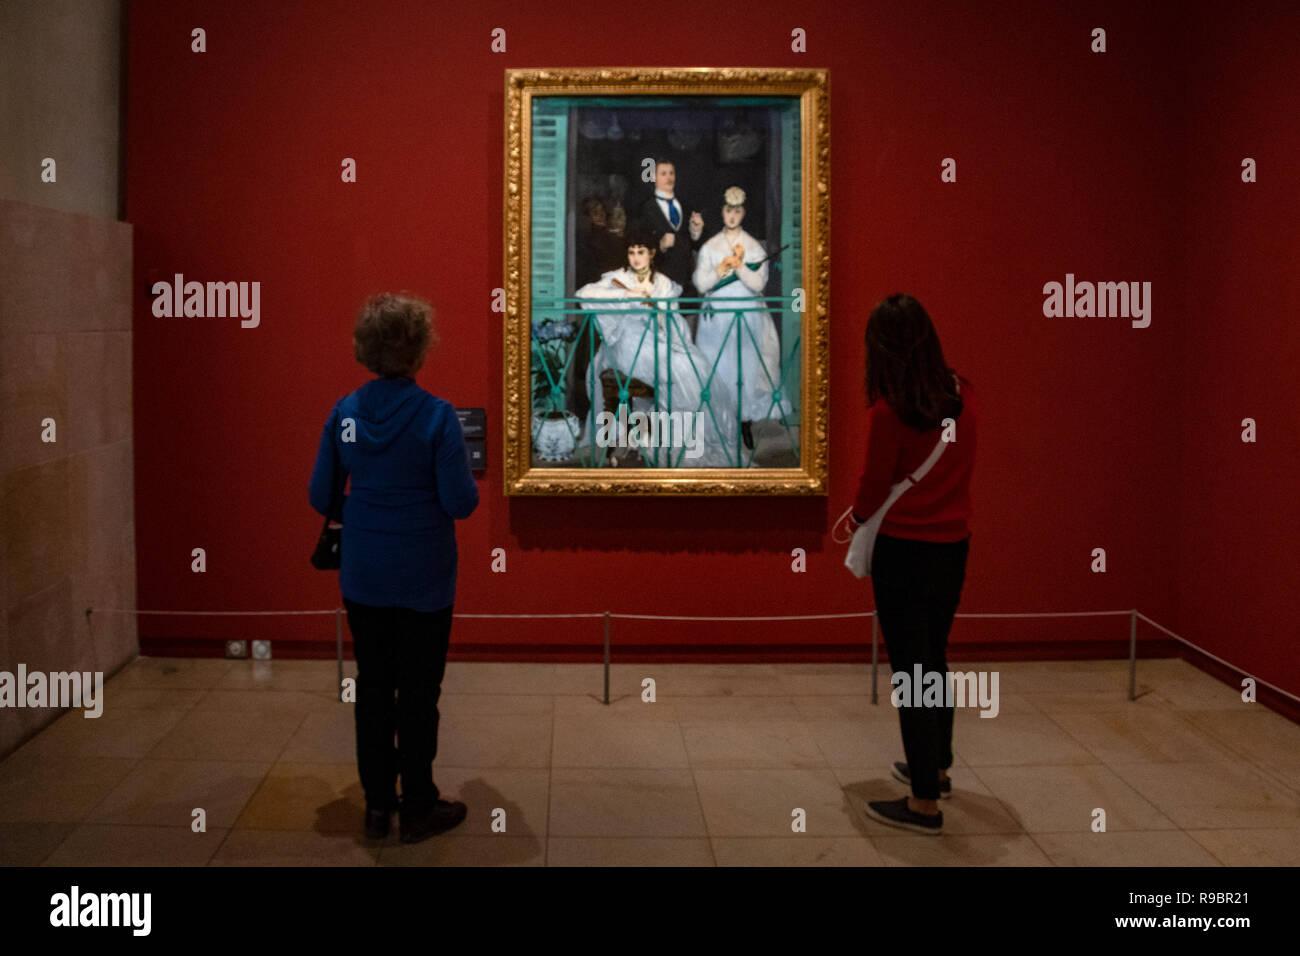 Paris (75), 7éme Arrondissement. Musée d'Orsay. Salle des impressionnistes. 'Le Balcon', tableau réalisé par le peintre Édouard Manet et présenté au S - Stock Image